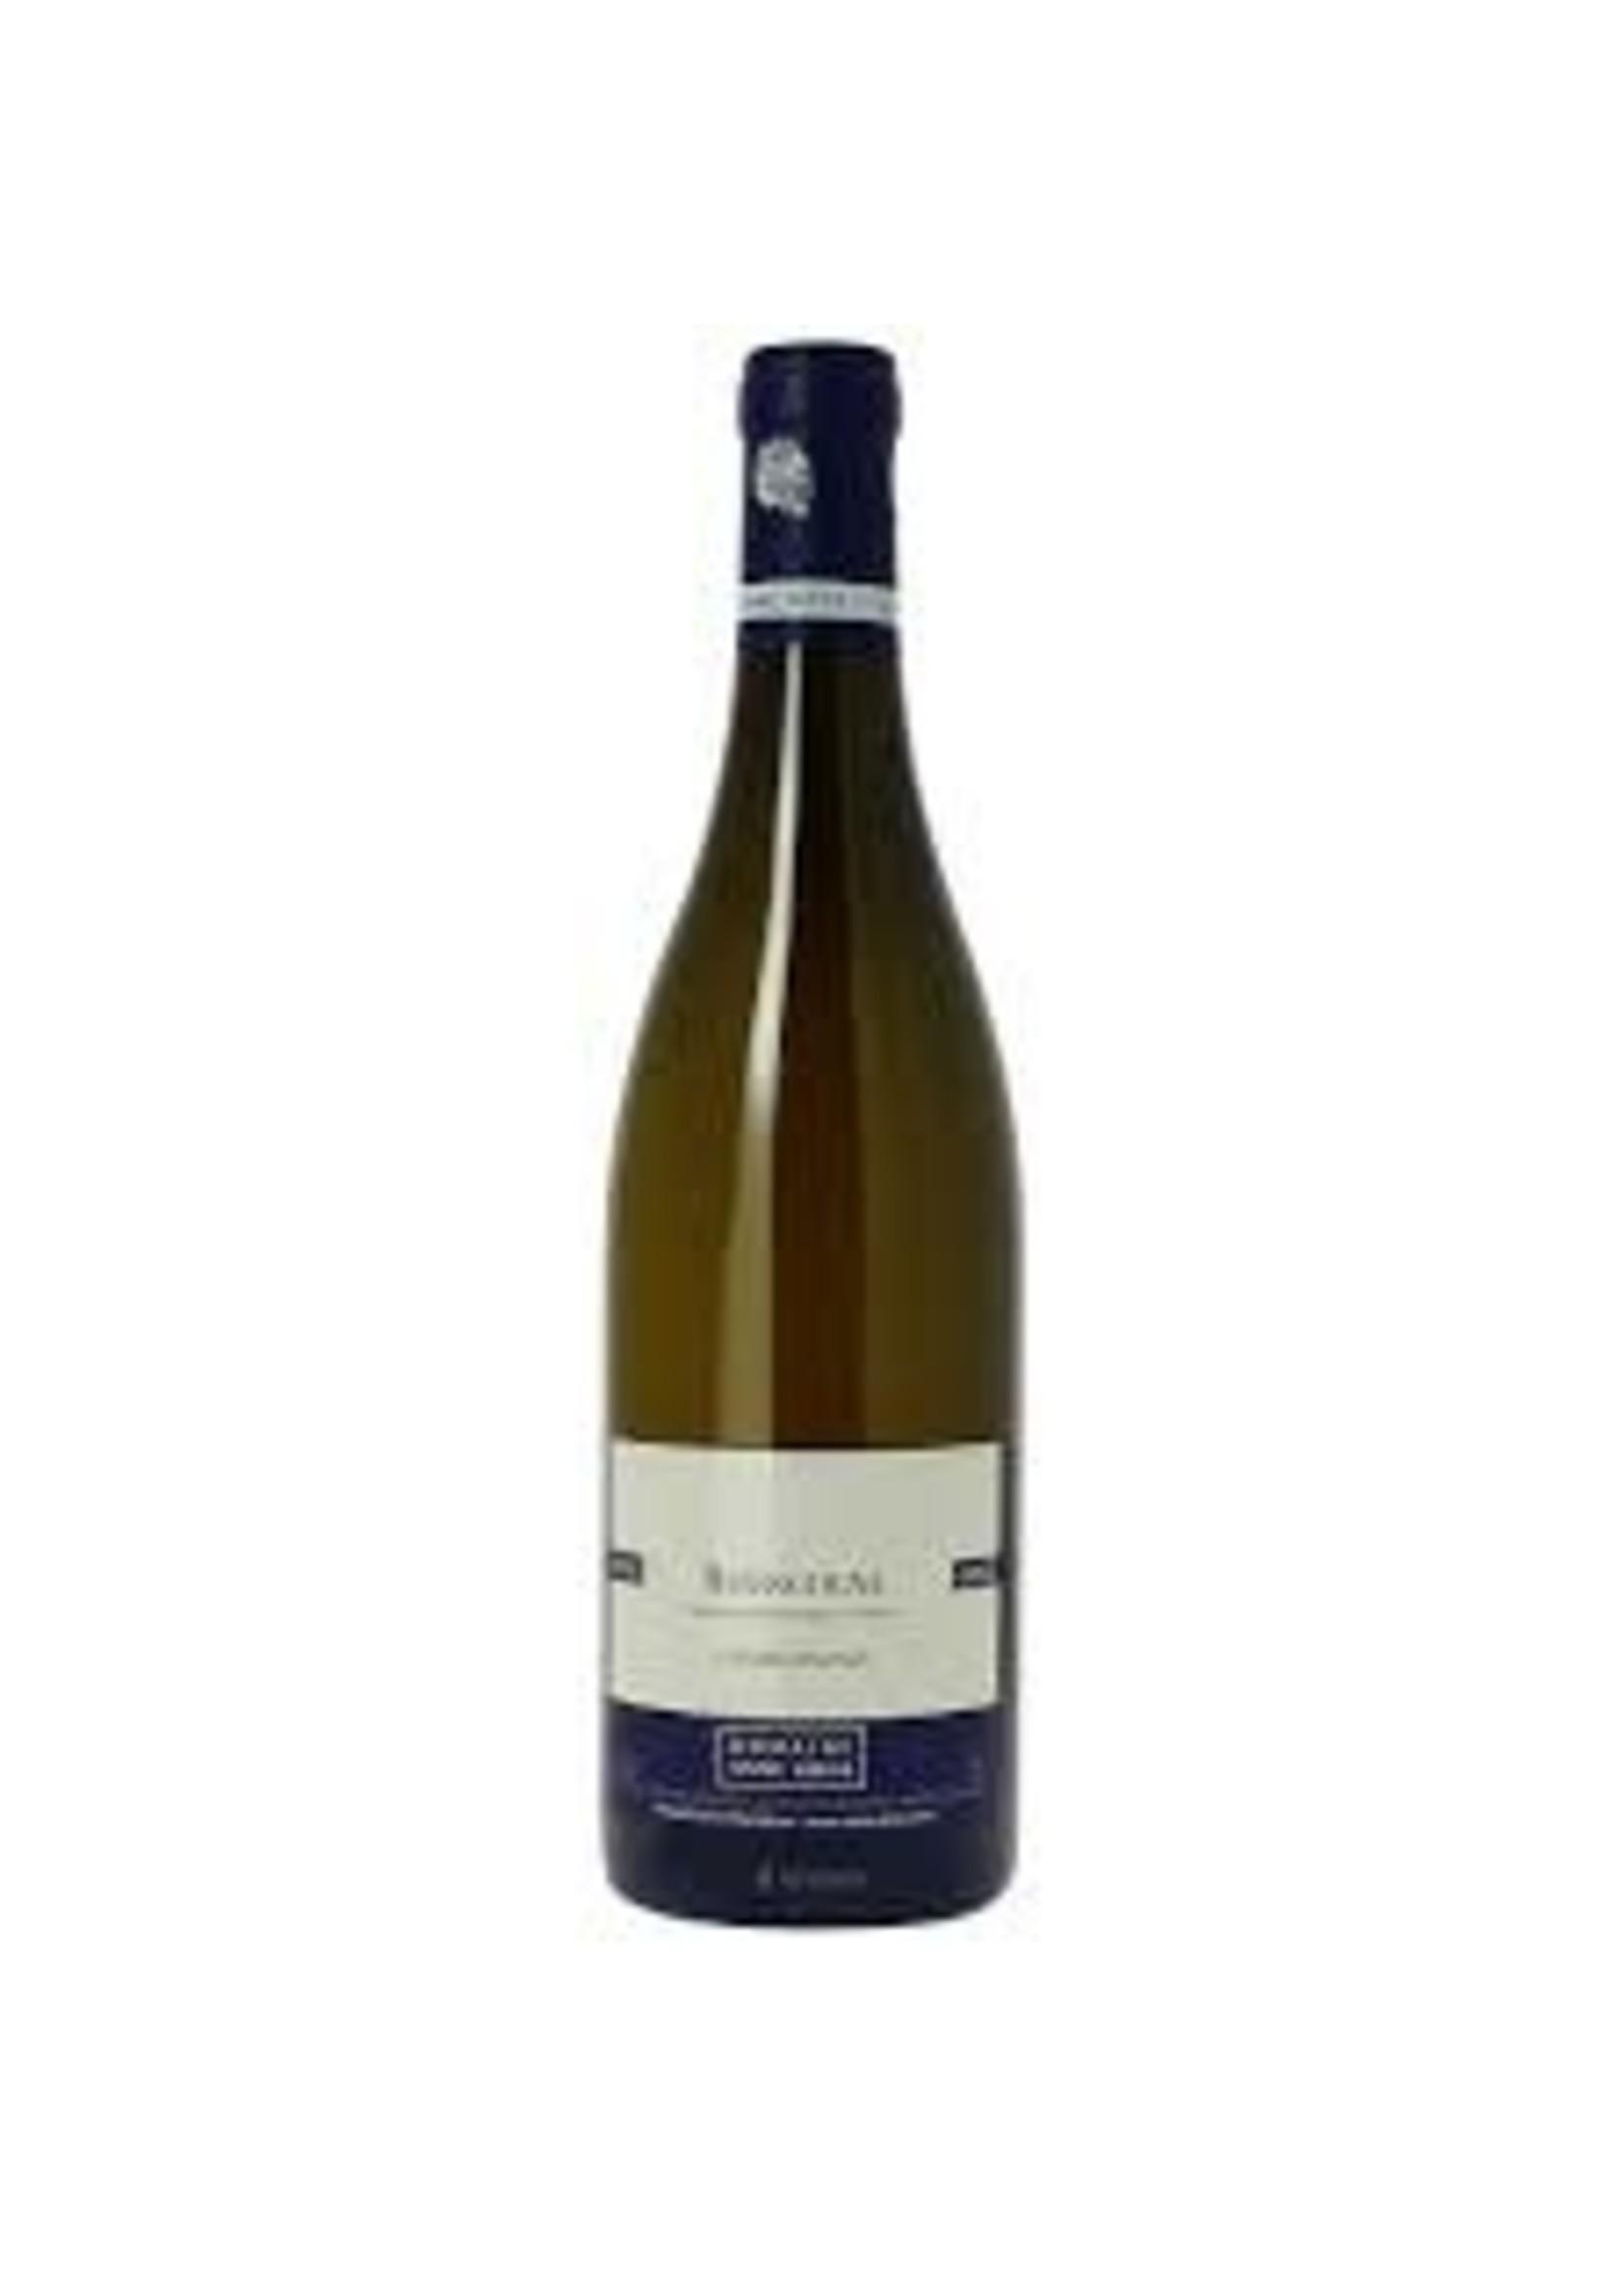 Anne Gros 2018 Bourgogne Blanc 750ml